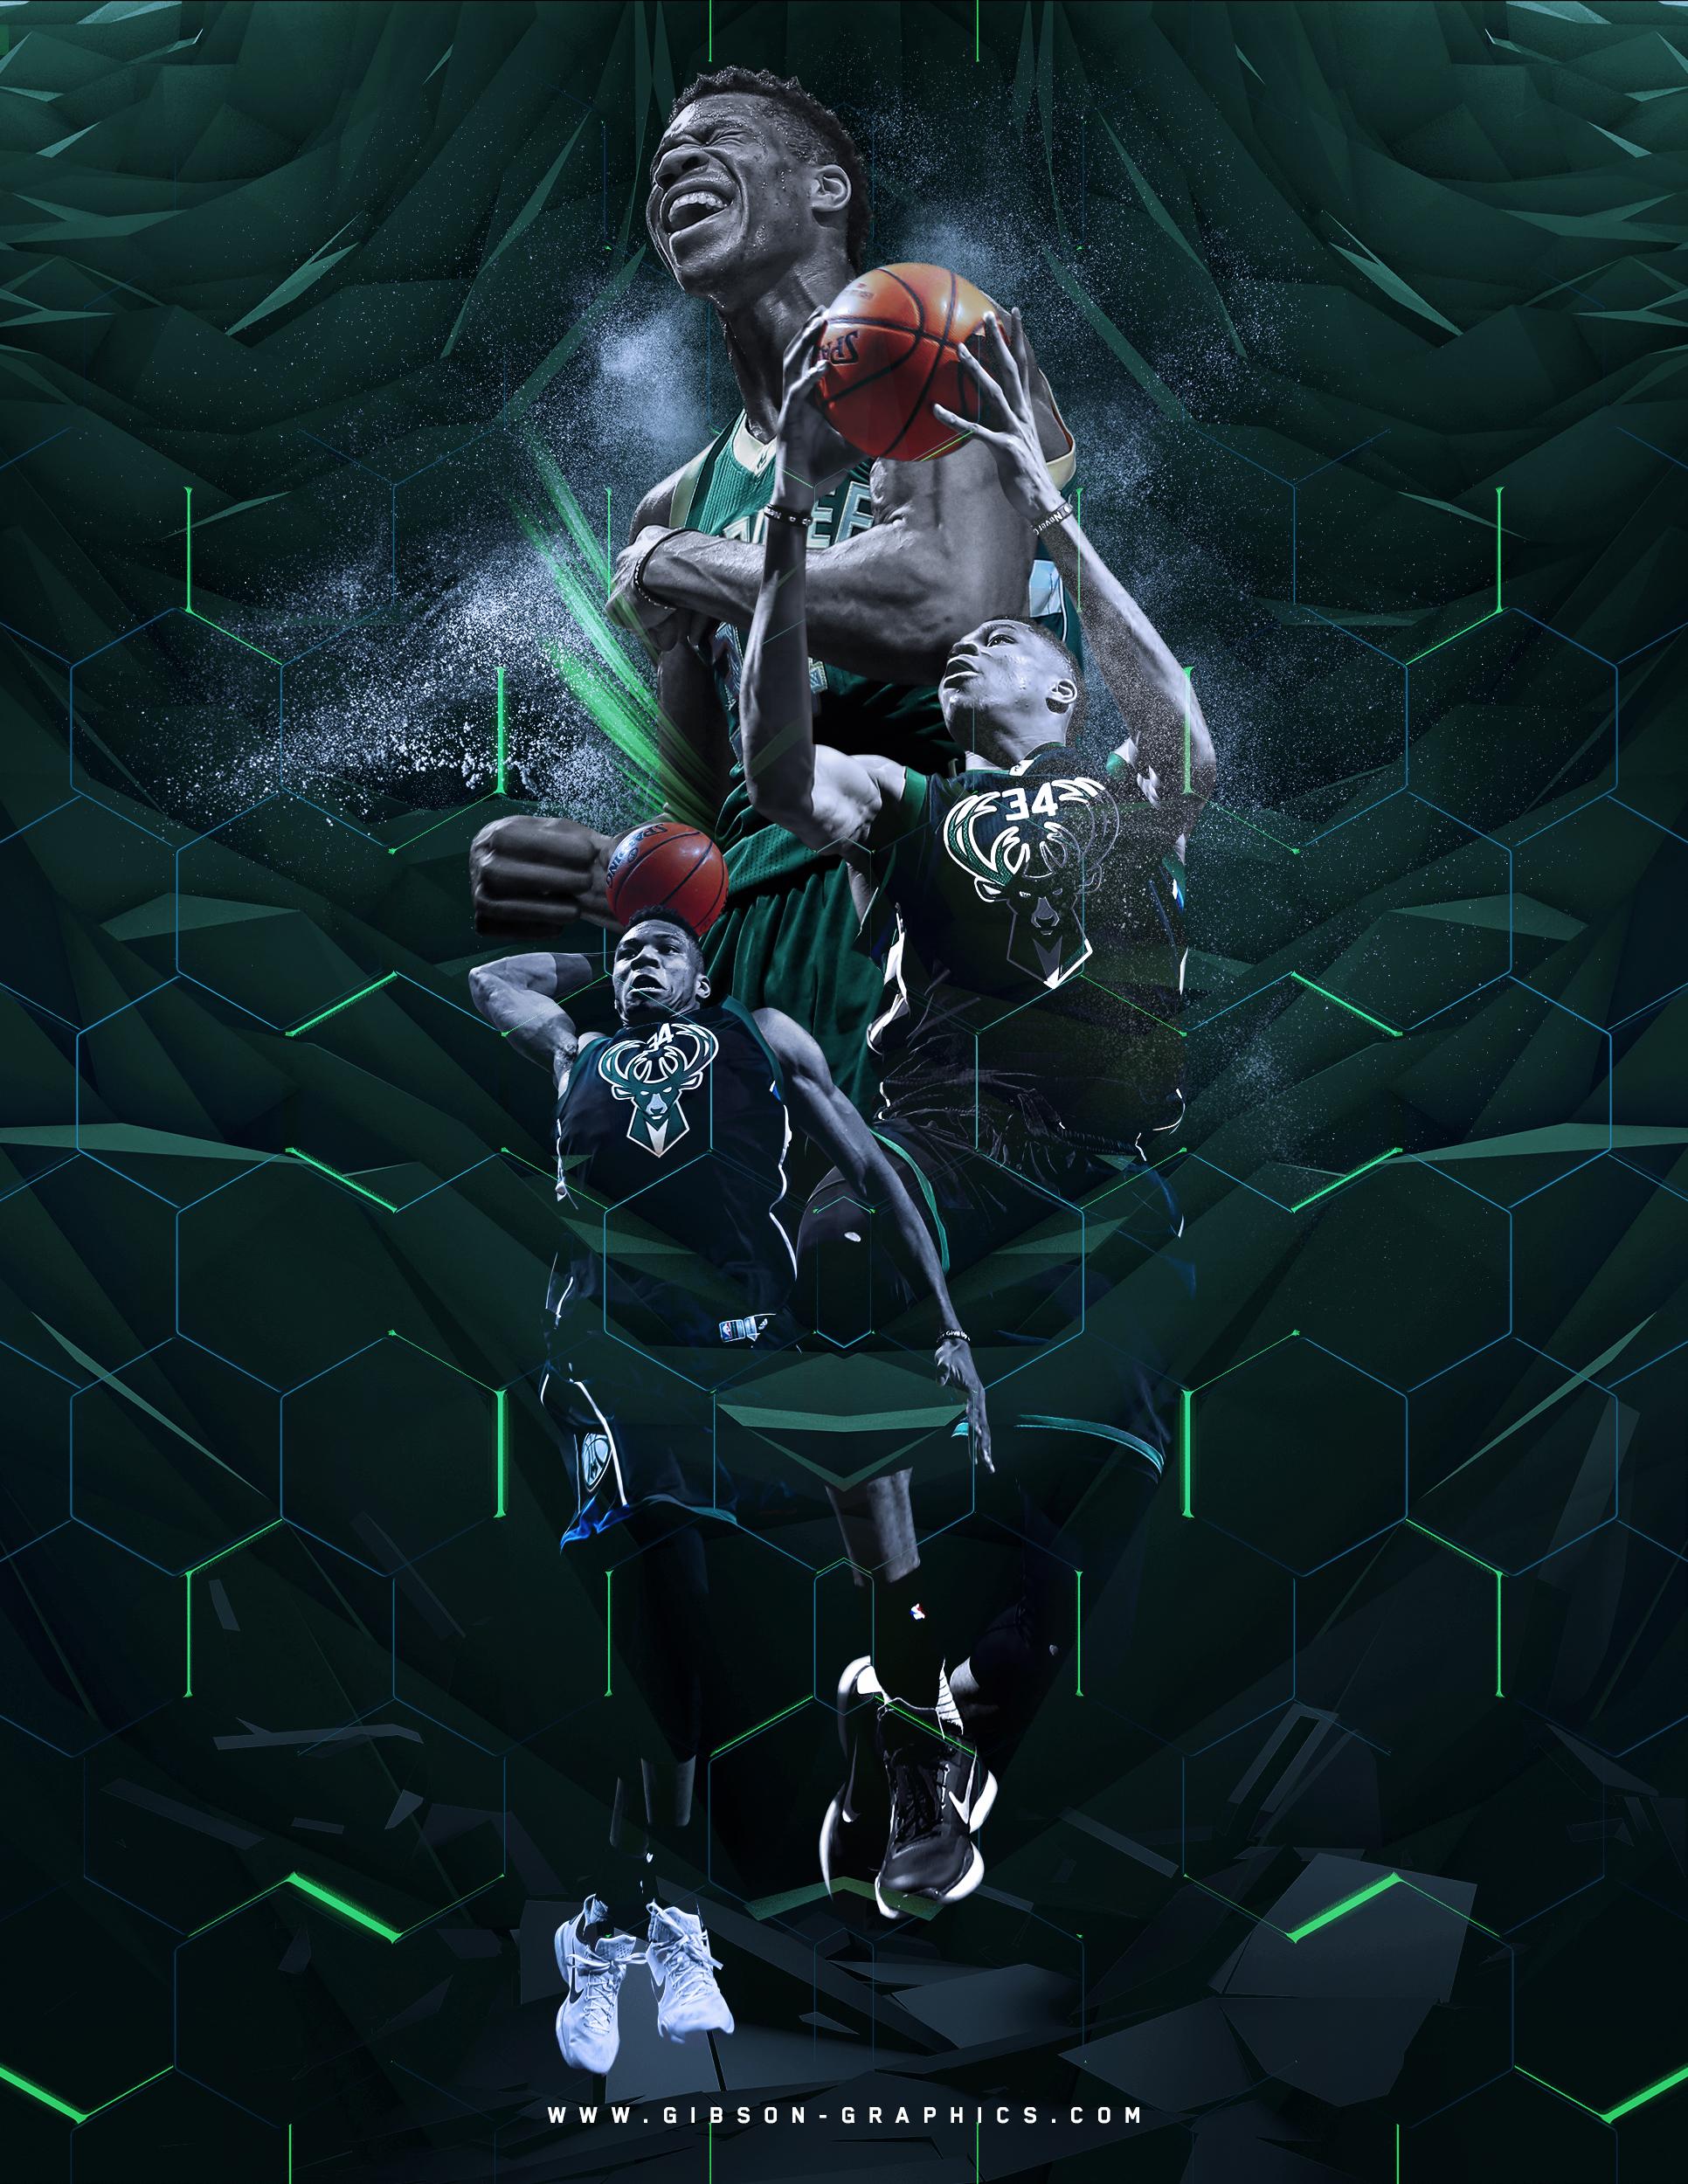 Giannis_Antetokounmpo_Milwaukee_Bucks_Poster